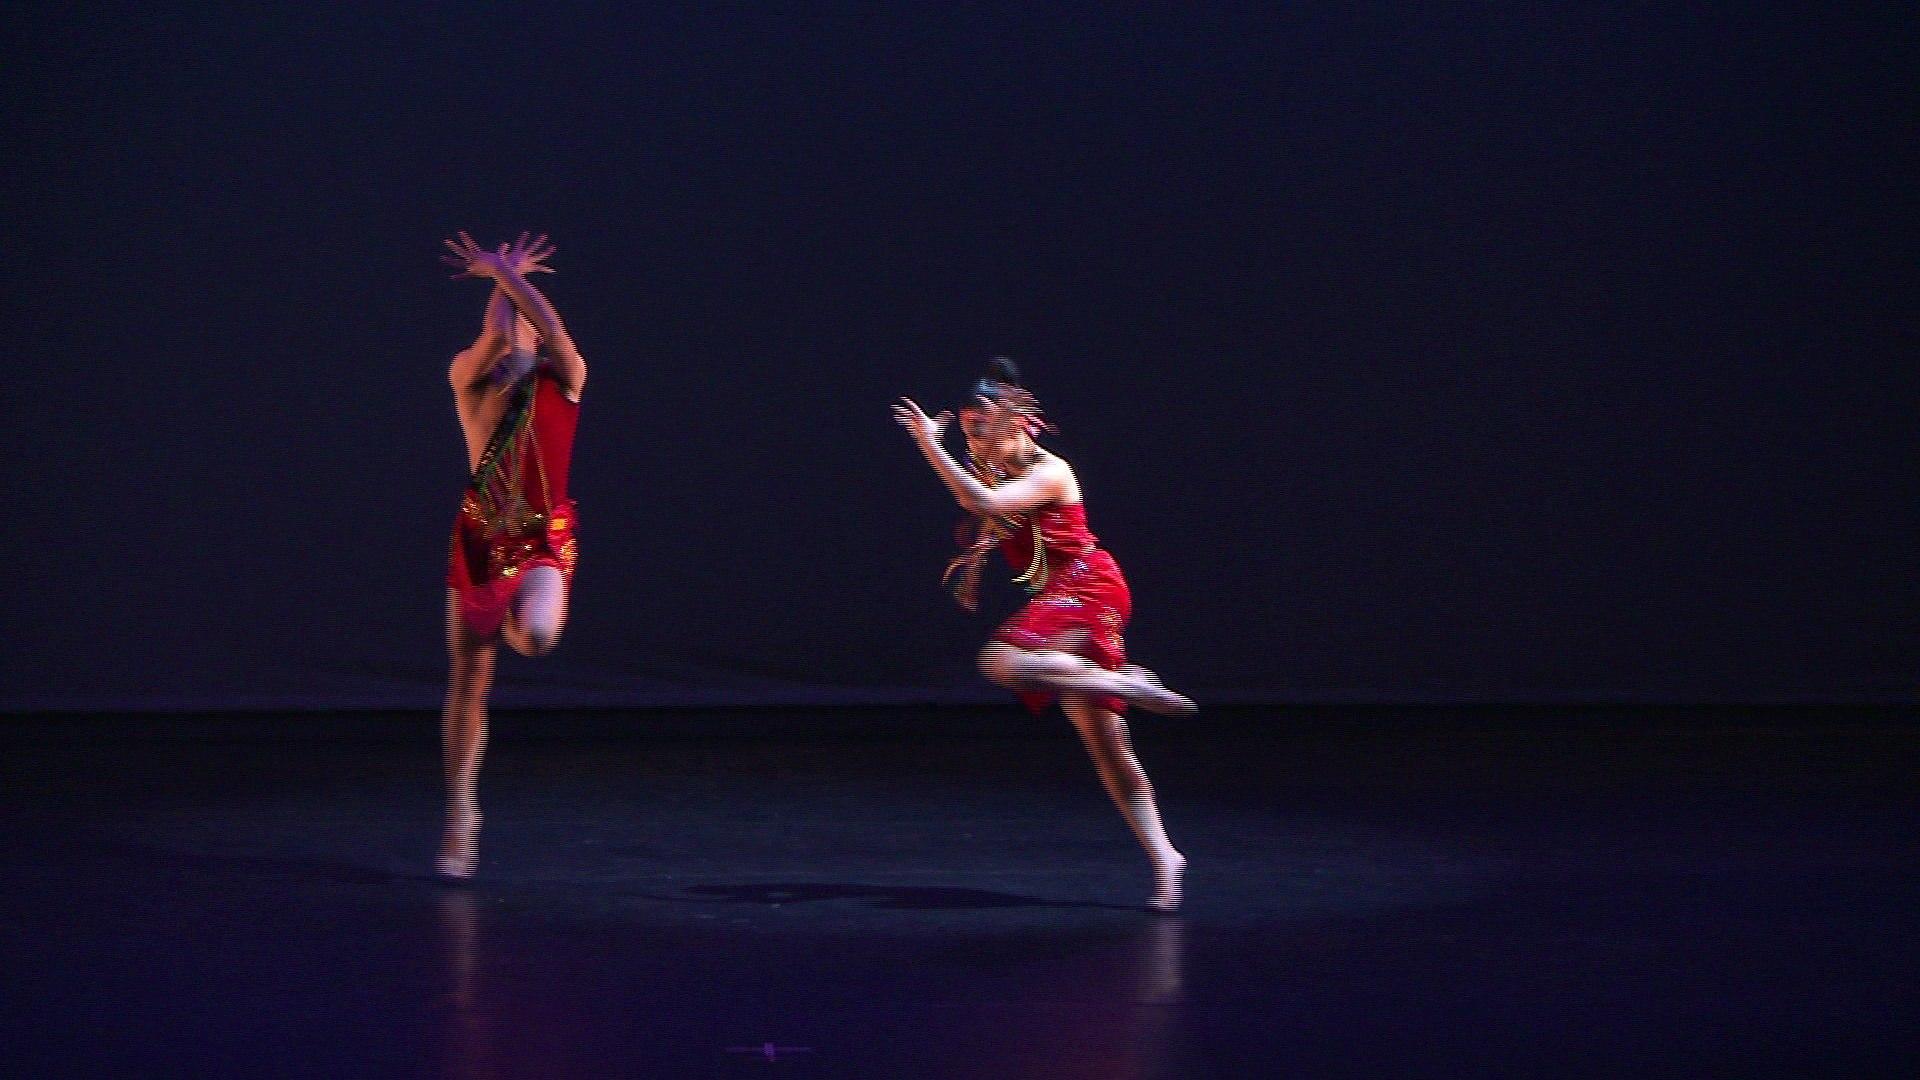 Tiểu nữ - Tiết mục múa vô cùng sexy - sinh viên Cao đẳng Múa Việt Nam